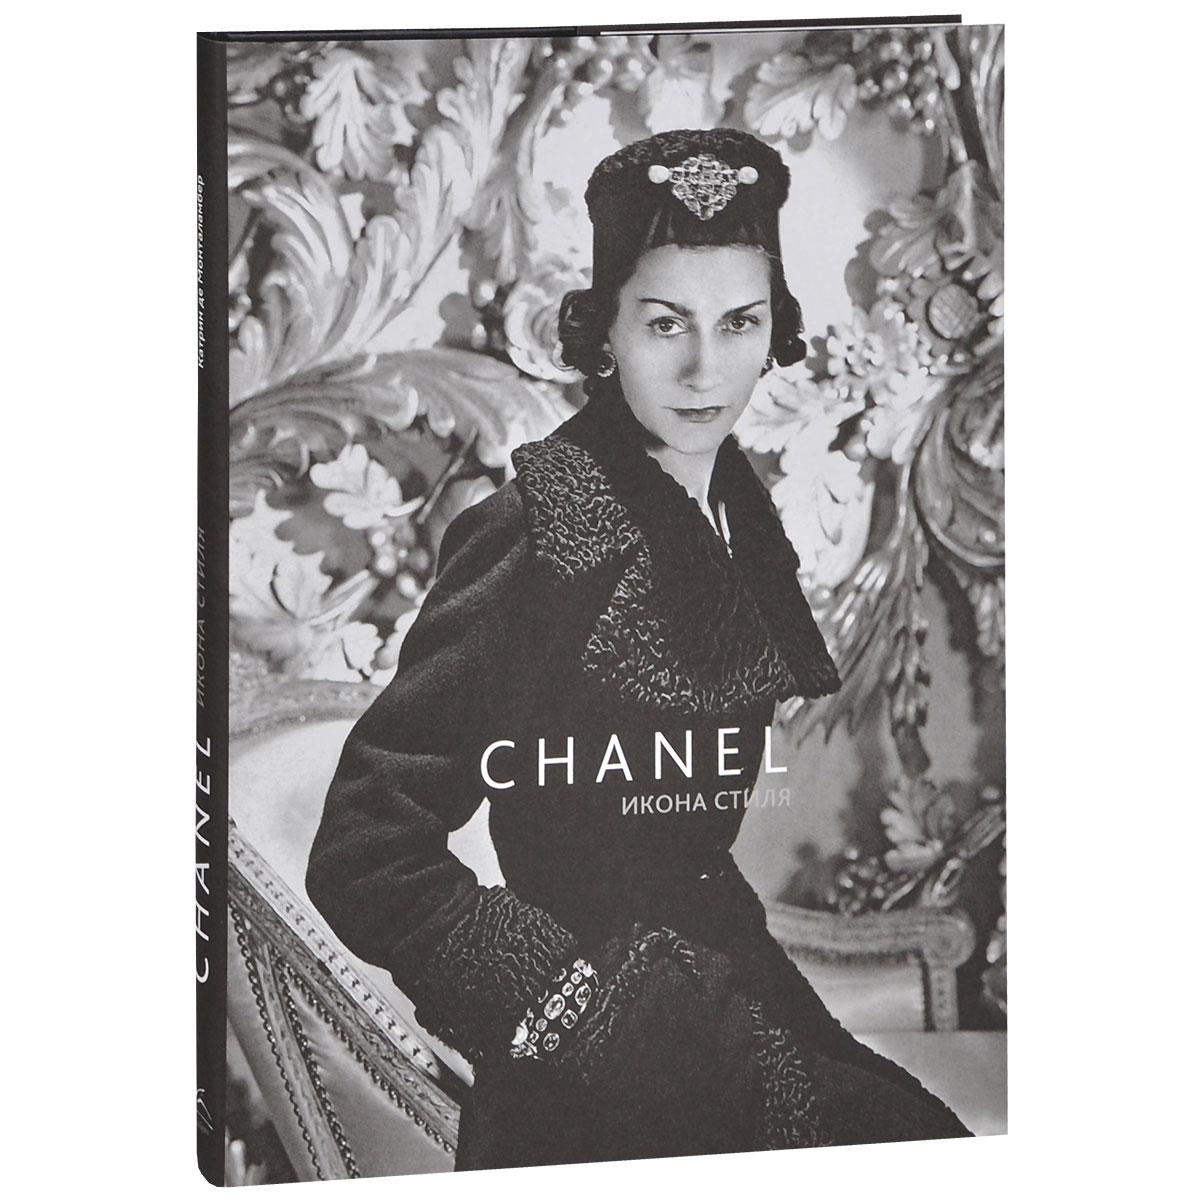 c40364ce821 Chanel. Икона стиля — купить в интернет-магазине OZON.ru с быстрой доставкой